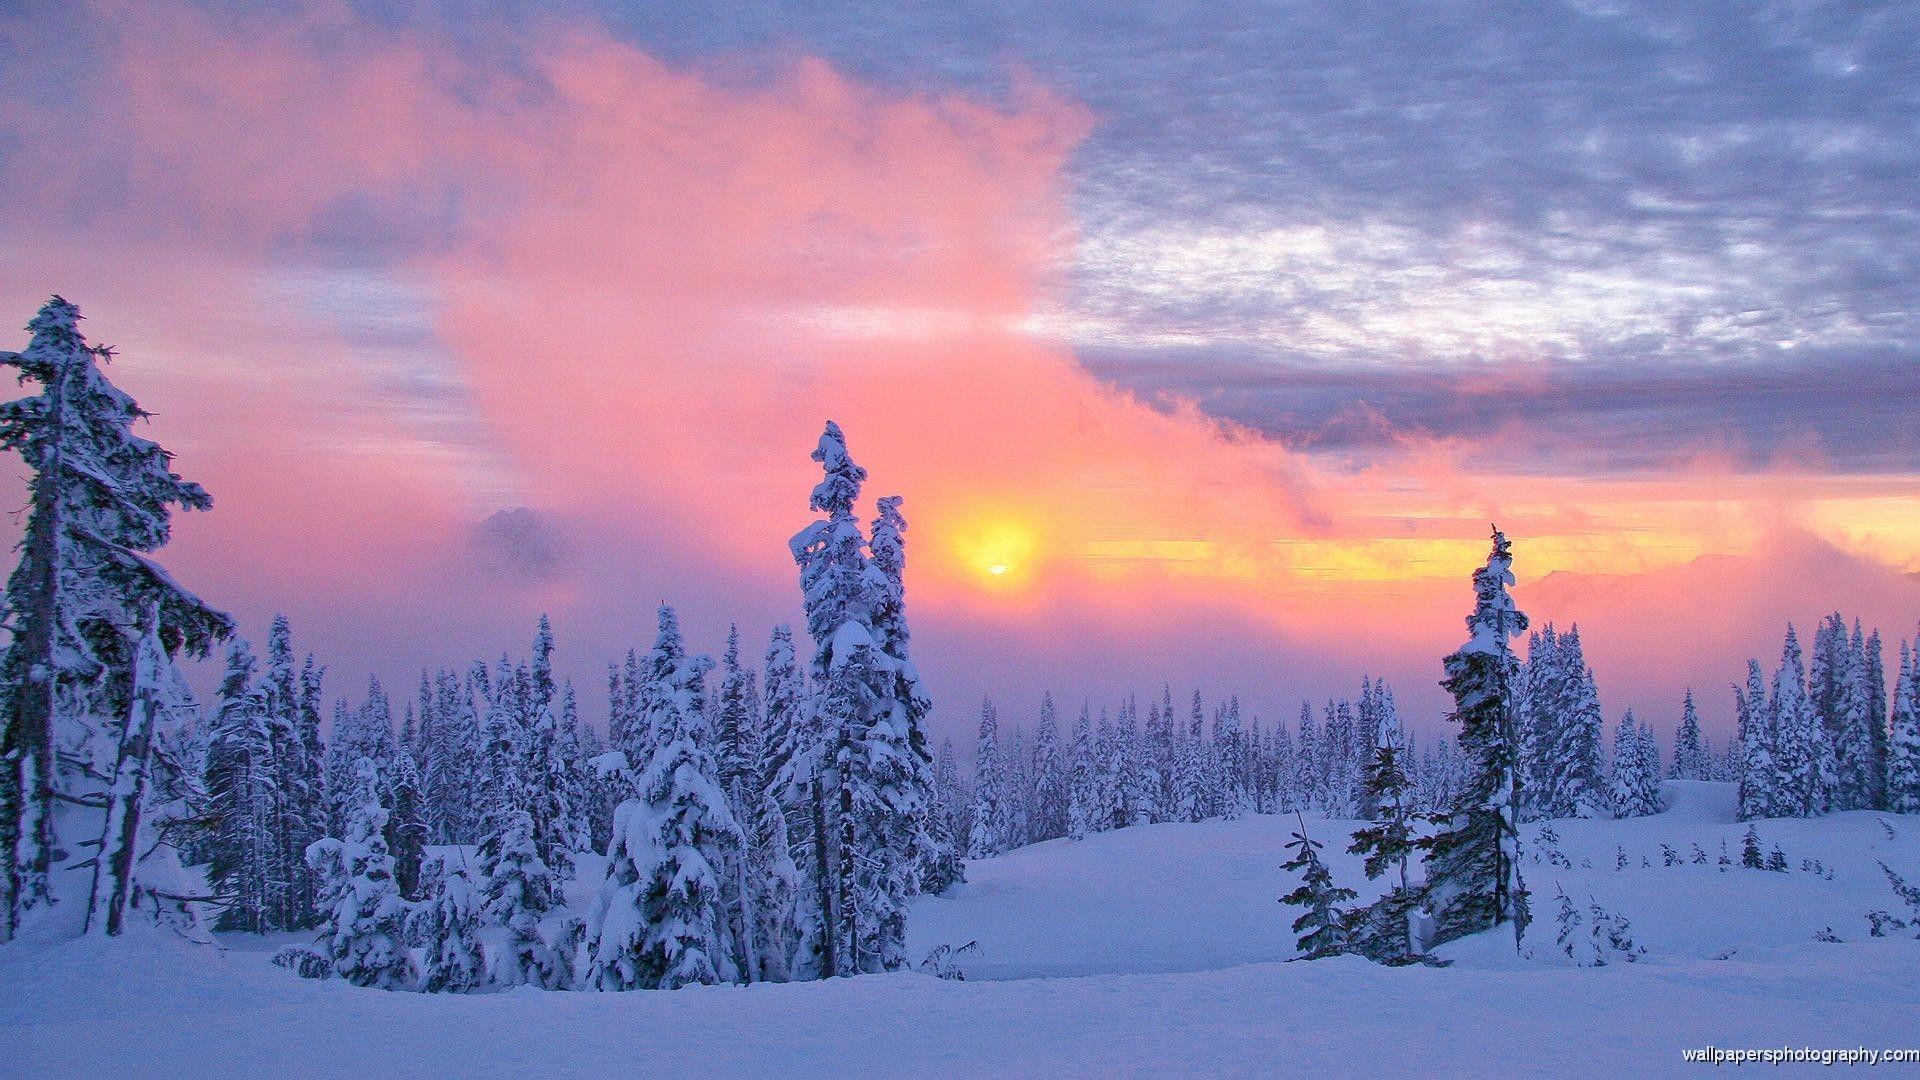 Beautiful Finland Winter, Finnish Winter Landscape in K (ultra HD Beautiful  Winter Scenery Wallpapers Wallpapers). Desktop Backgrounds …